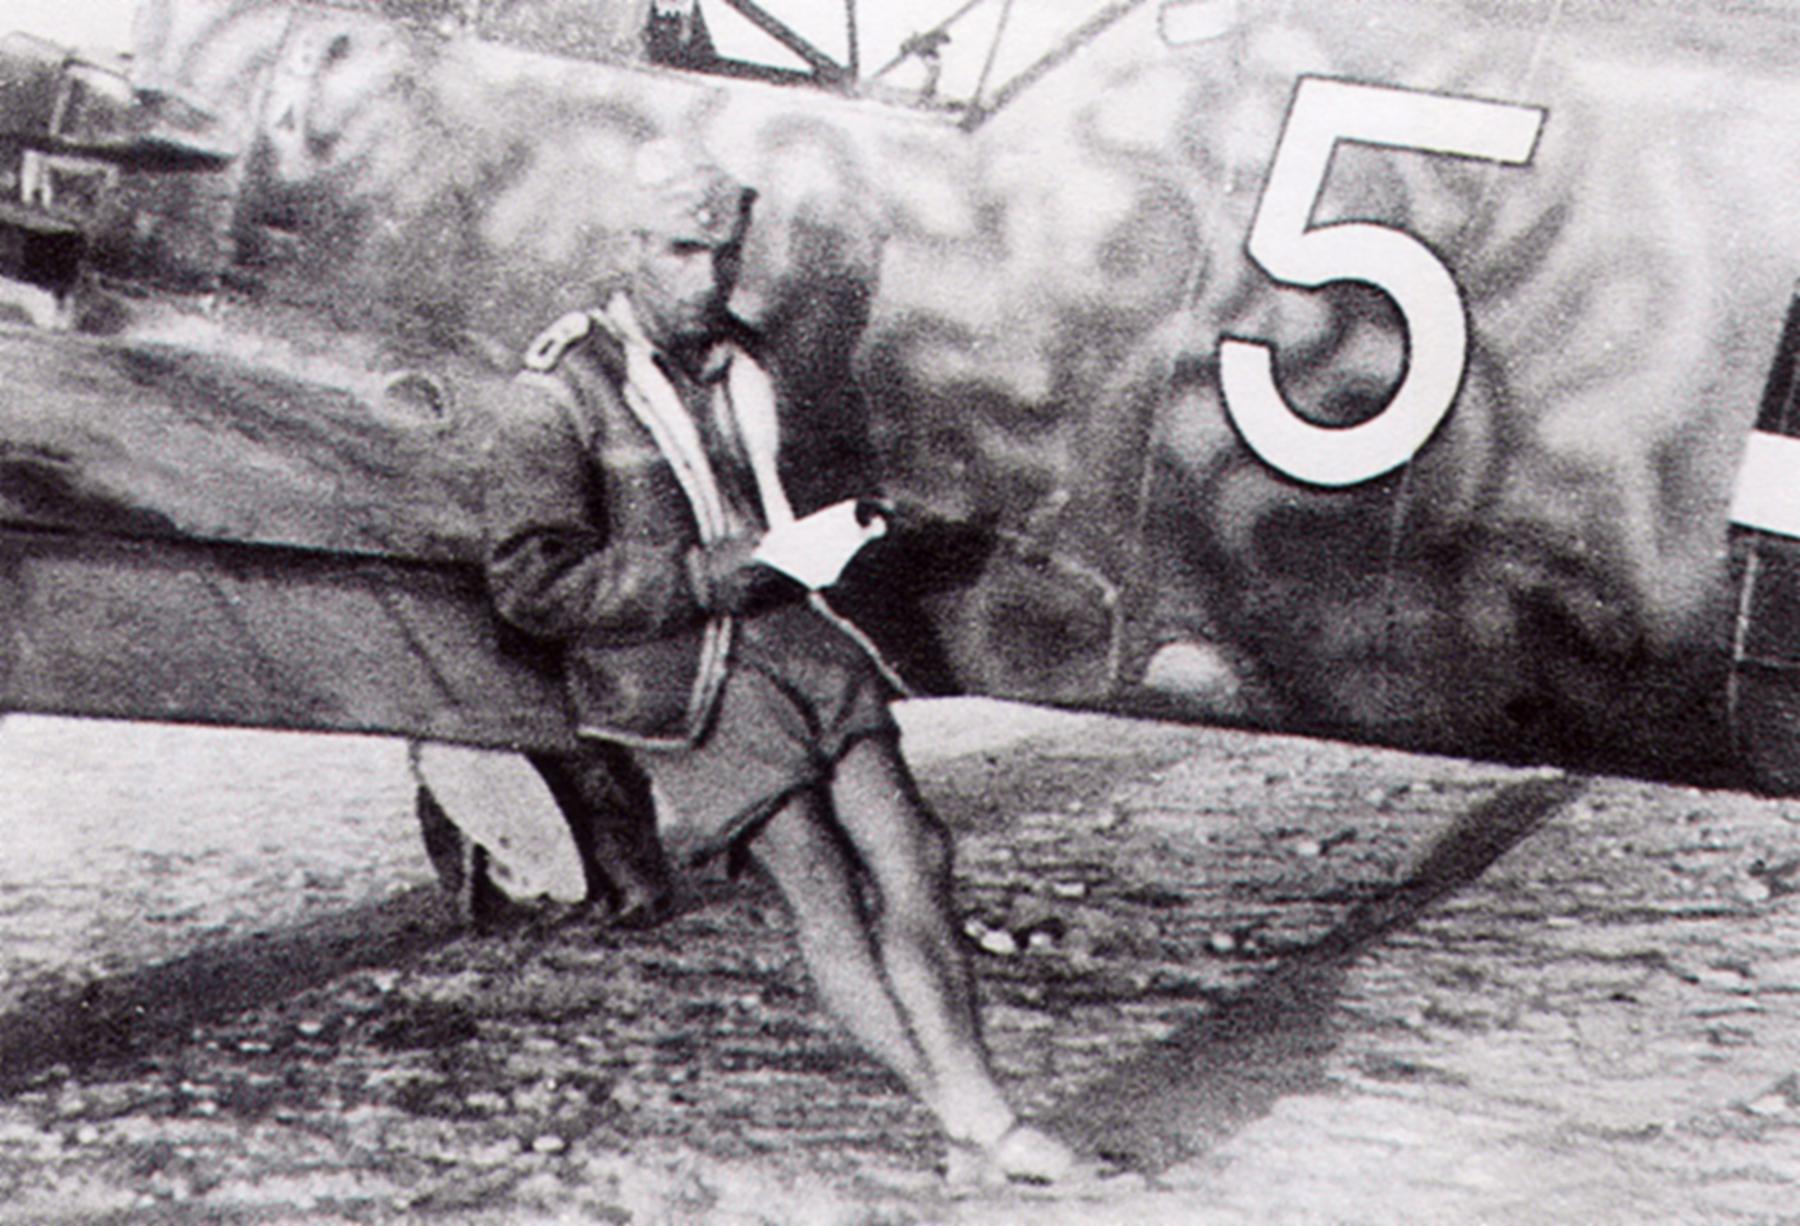 Messerschmitt Bf 109E4Trop 1.JG27 White 5 Albert Espenlaub North Africa Nov 25 1941 01